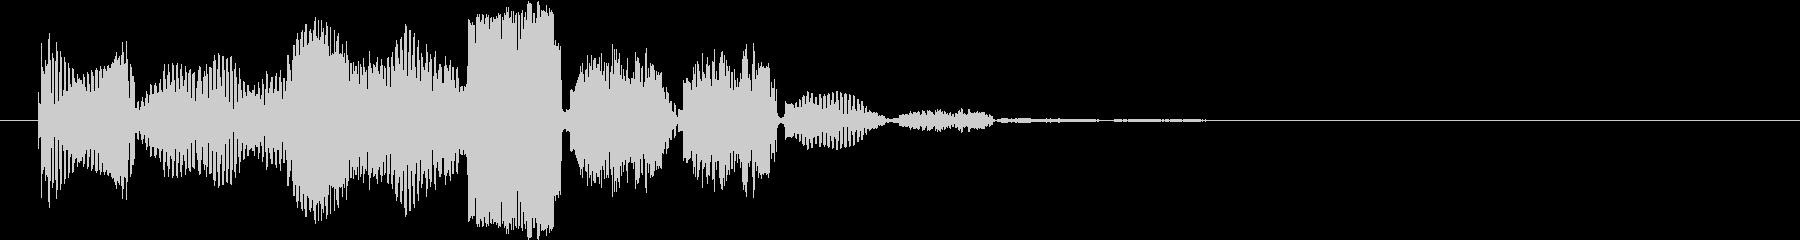 サウンドロゴ|謙虚 Bの未再生の波形